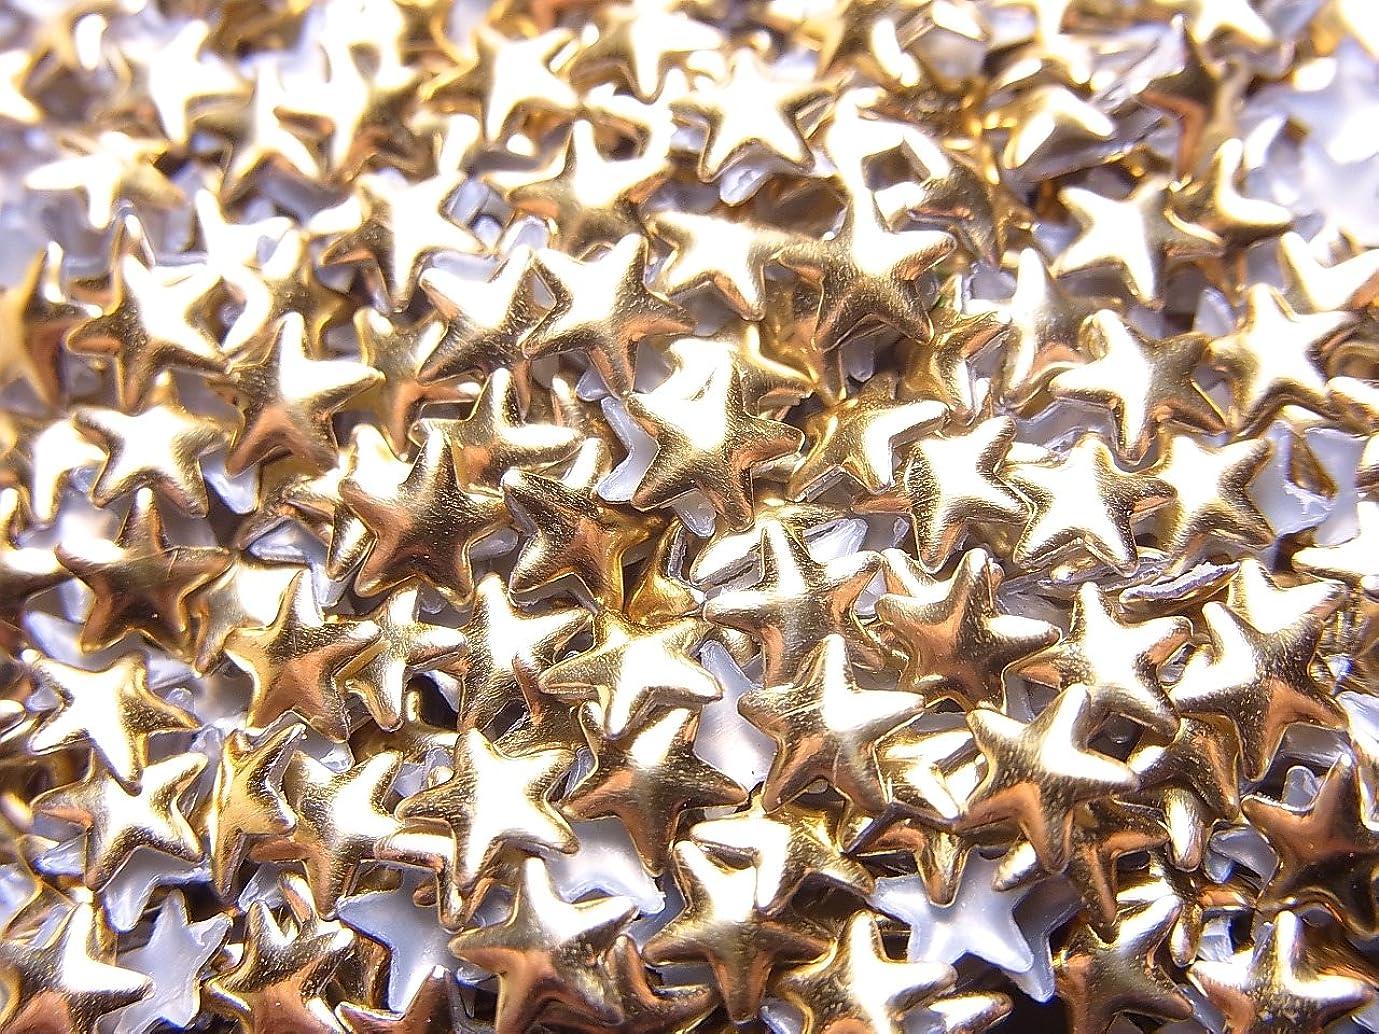 ブル特派員コースメタルスタッズ (ゴールド/シルバー)12種類から選択可能 (スター型(星)メタルスタッズ 4mm, ゴールド)